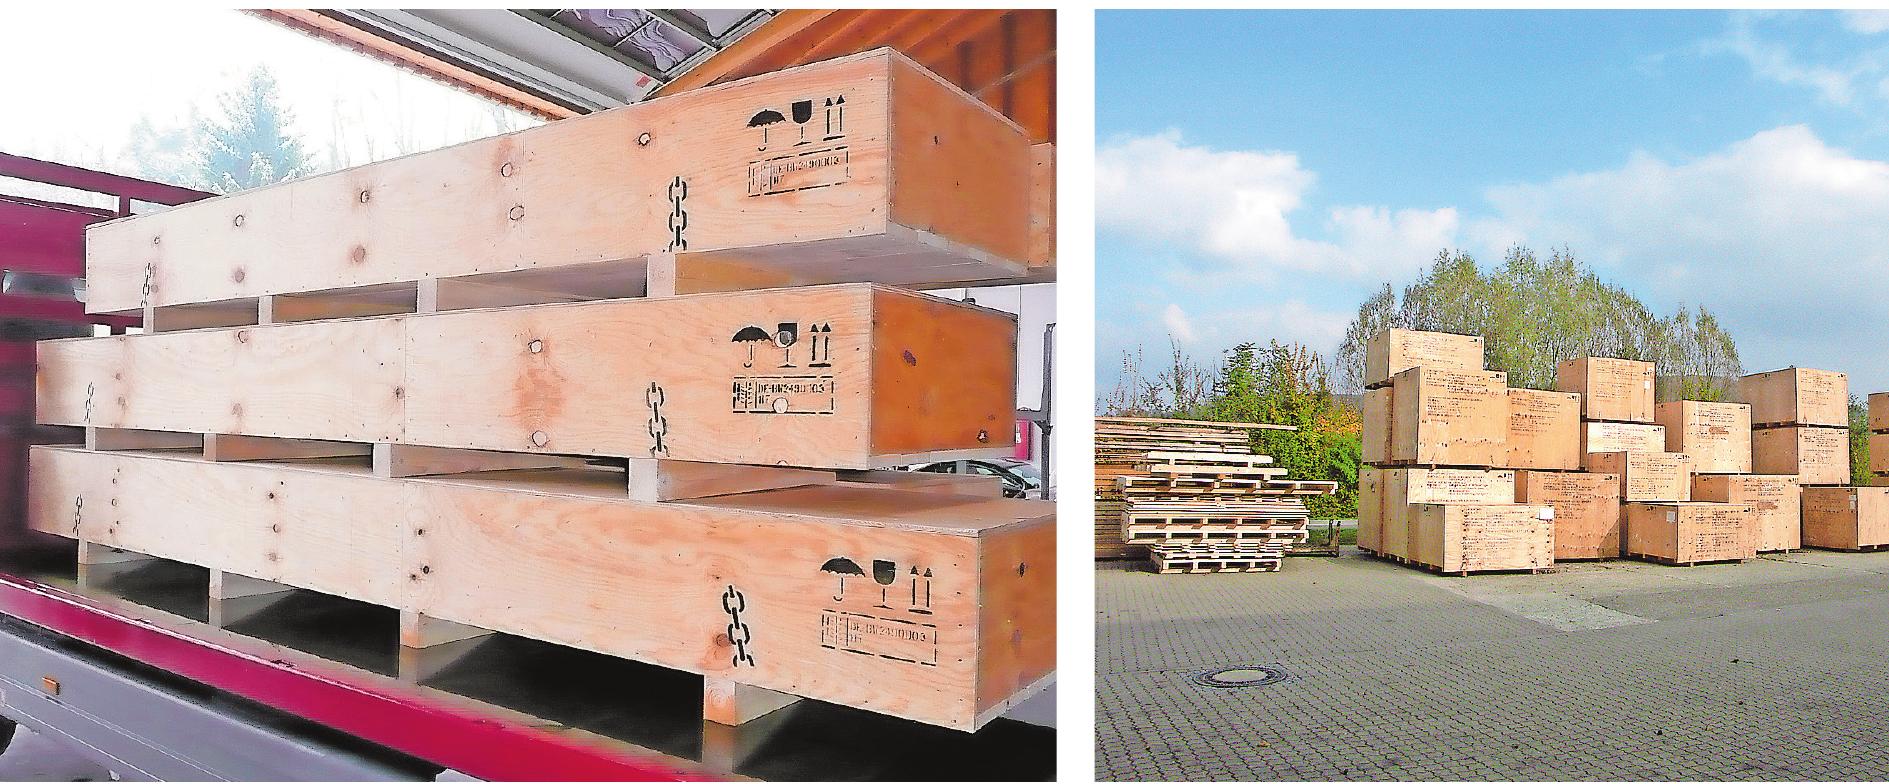 Neugebauer Exportverpackungen GmbH Image 1